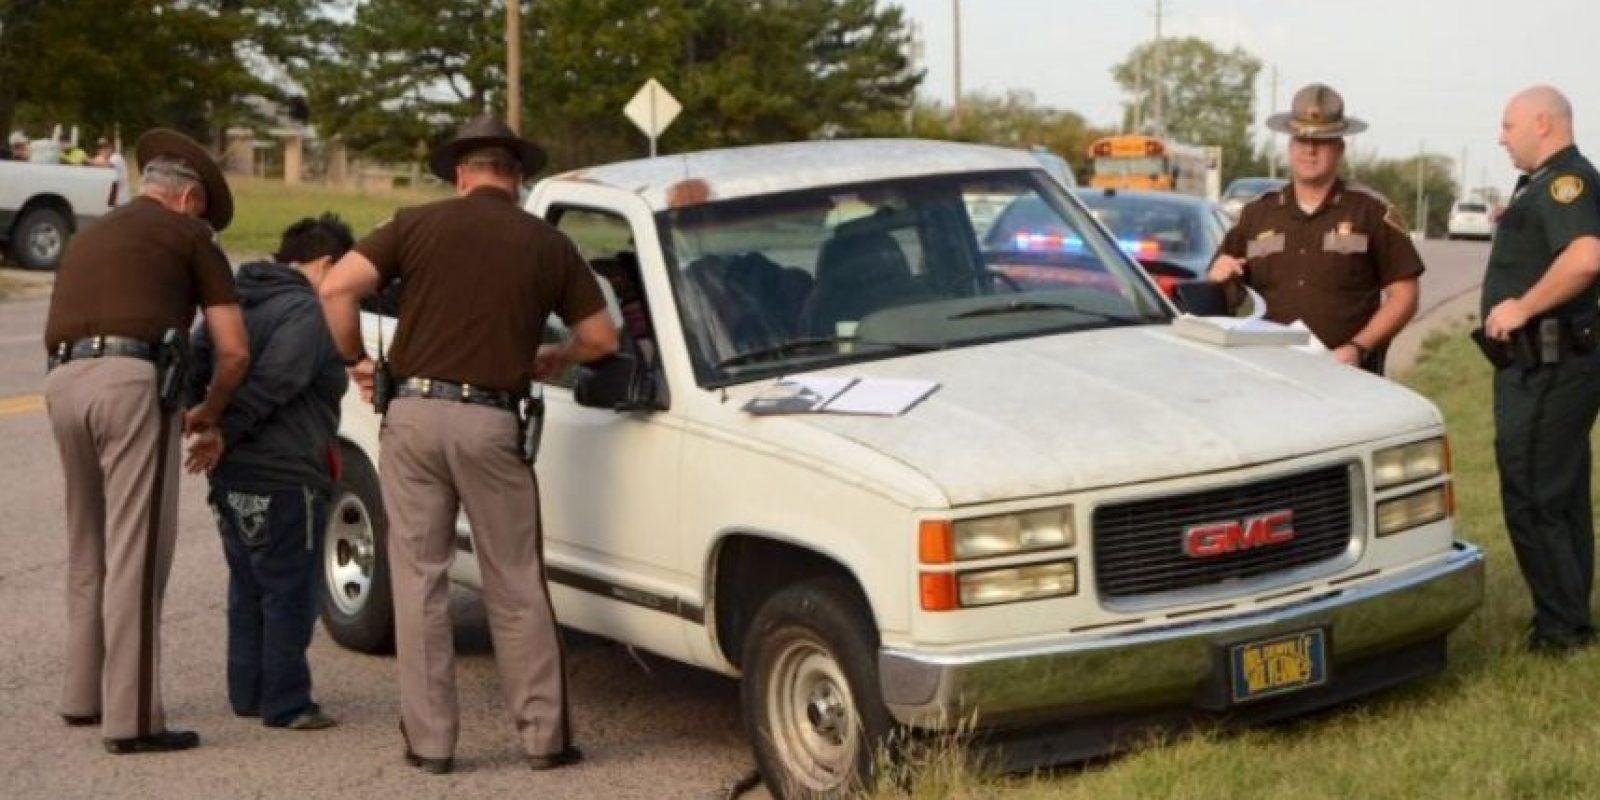 Los oficiales descubrieron una botella de licor casi vacía en el piso de la camioneta. Foto:AP. Imagen Por: